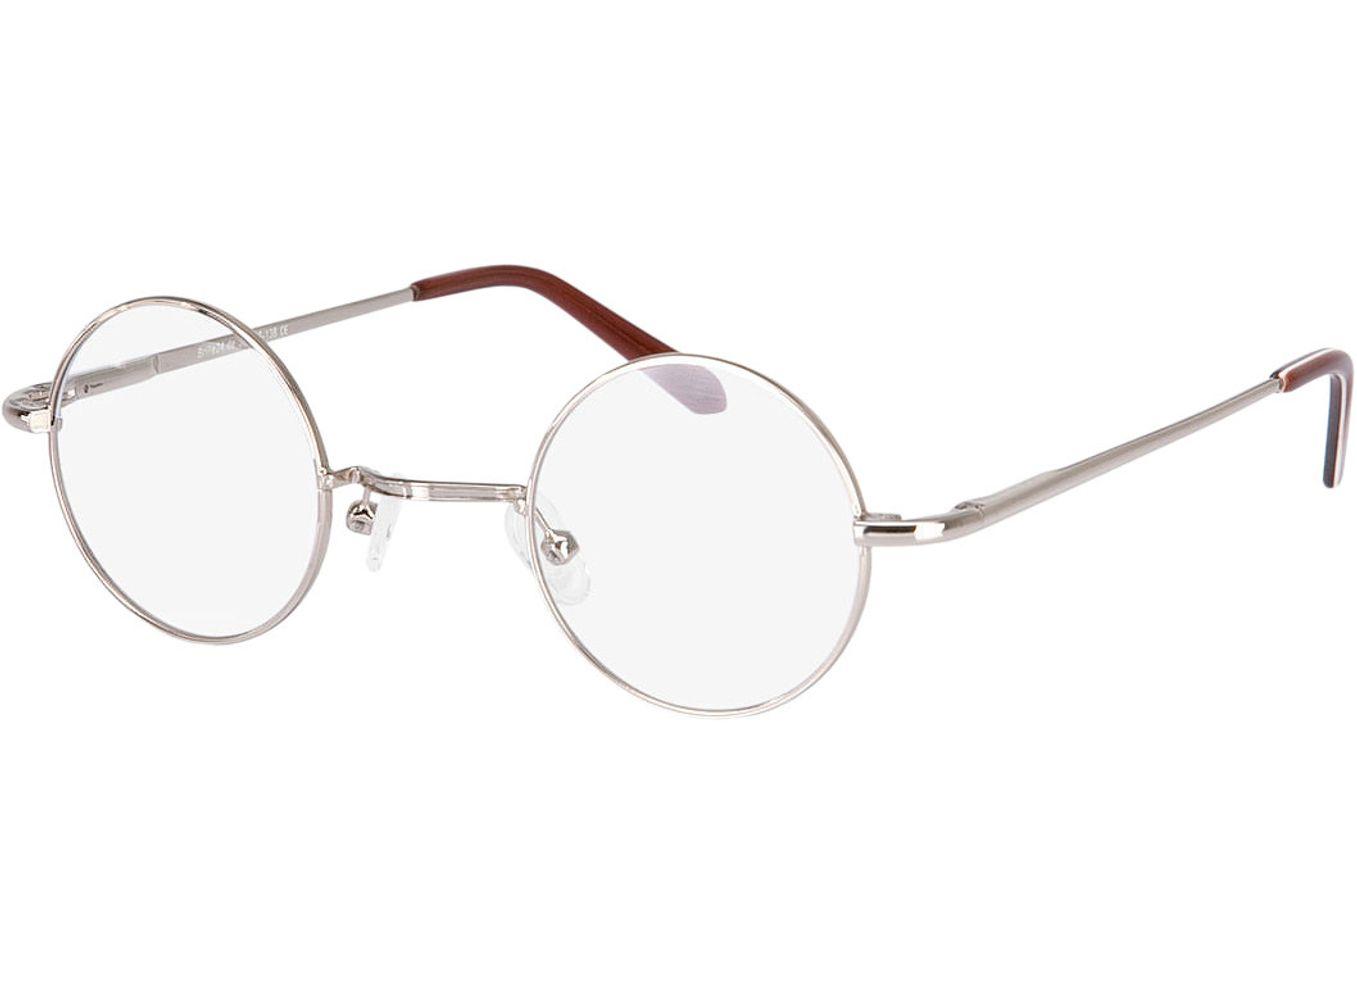 1403-singlevision-0000 Cary-gold Gleitsichtbrille, Vollrand, Rund Brille24 Collection